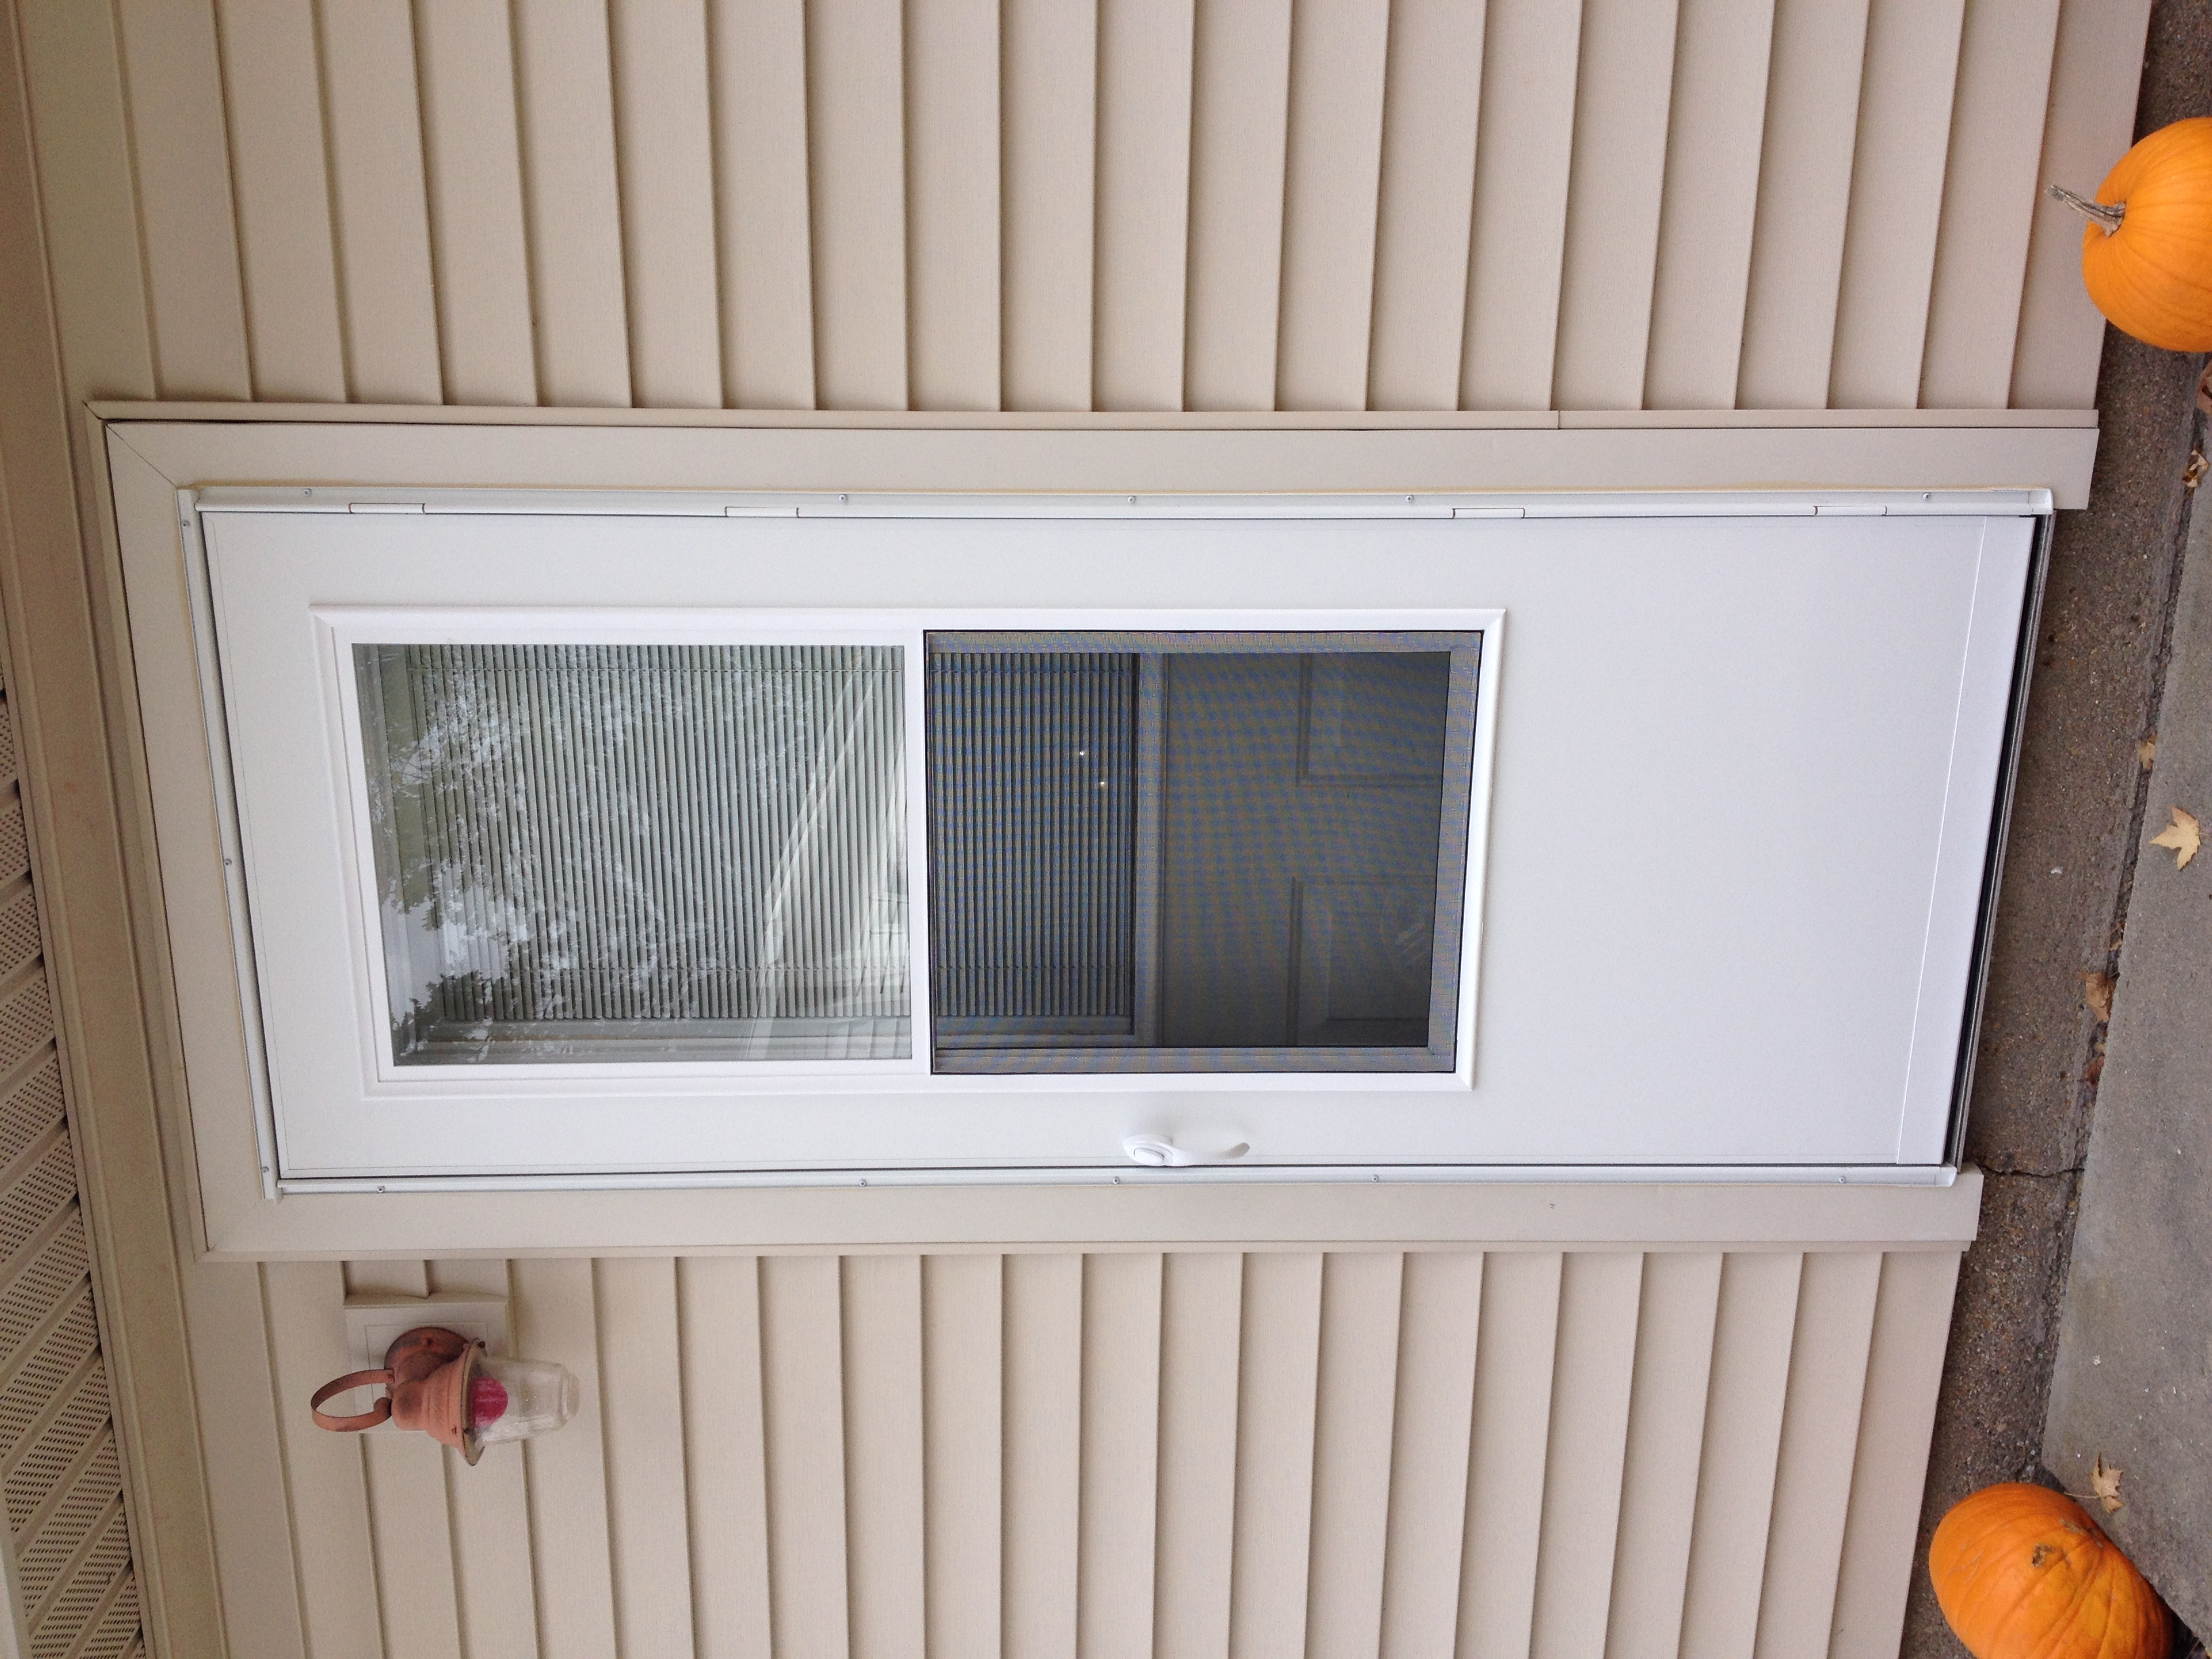 2448 #B45E17 Entry Door Replacement & Storm Door Installation – Hicksville Ohio  picture/photo Menards Storm Doors Exterior 41493264